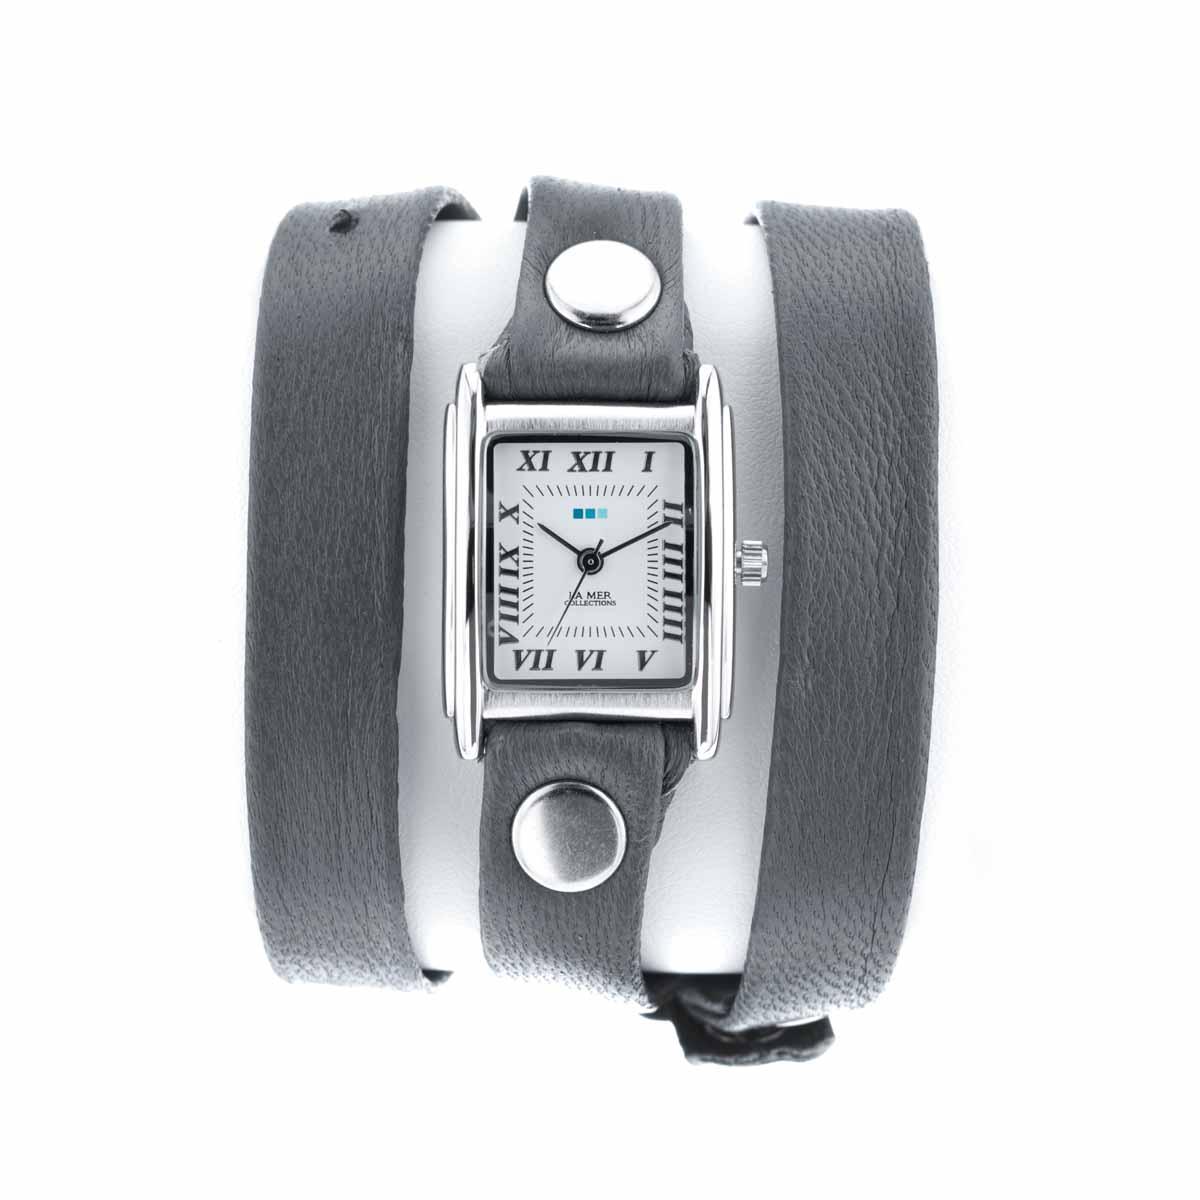 Часы женские наручные La Mer Collections Simple Grey/Silver. LMSTW1013LMSTW1013Женские наручные часы Simple Grey/Silver позволят вам выделиться из толпы и подчеркнуть свою индивидуальность. Часы оснащены японским кварцевым механизмом SEIKO. Ремешок выполнен из натуральной итальянской кожи с матовой поверхностью и декорирован заклепками. Корпус часов изготовлен из сплава металлов серебристого цвета. Циферблат оснащен часовой, минутной и секундной стрелками и защищен минеральным стеклом. Циферблат оформлен римскими цифрами и отметками. Часы застегиваются на классическую застежку. Часы хранятся на специальной подушечке в футляре из искусственной кожи, крышка которого оформлена логотипом компании La Mer Collection.